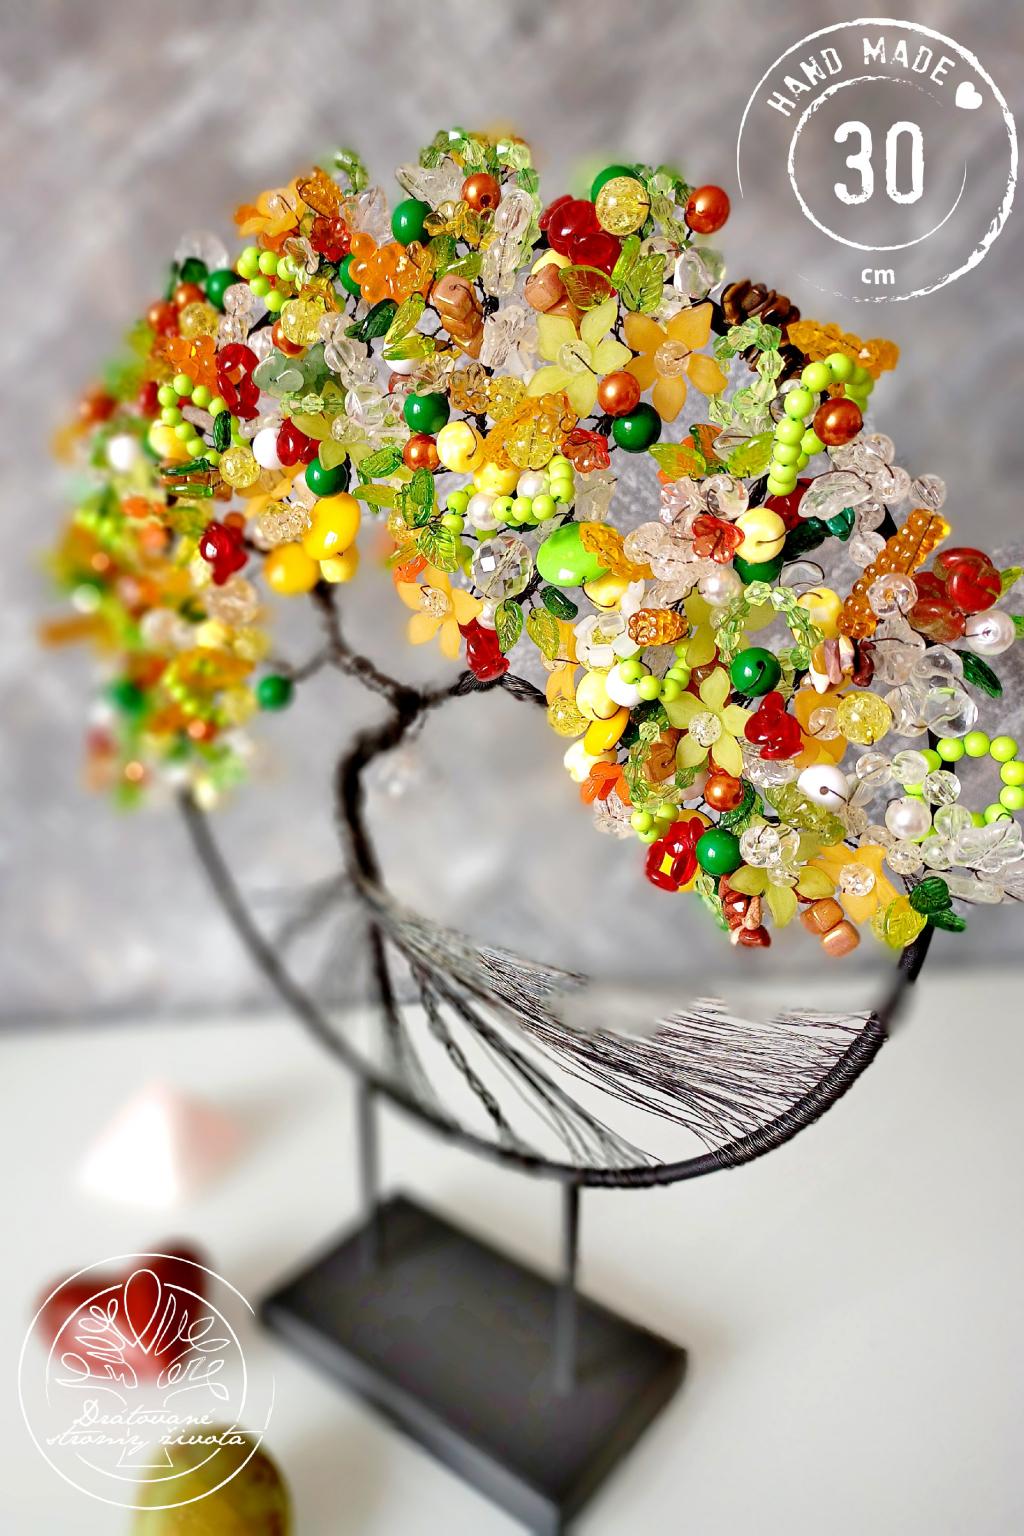 Strom života na stojánku - Radost  v každé podobě 30x40cm